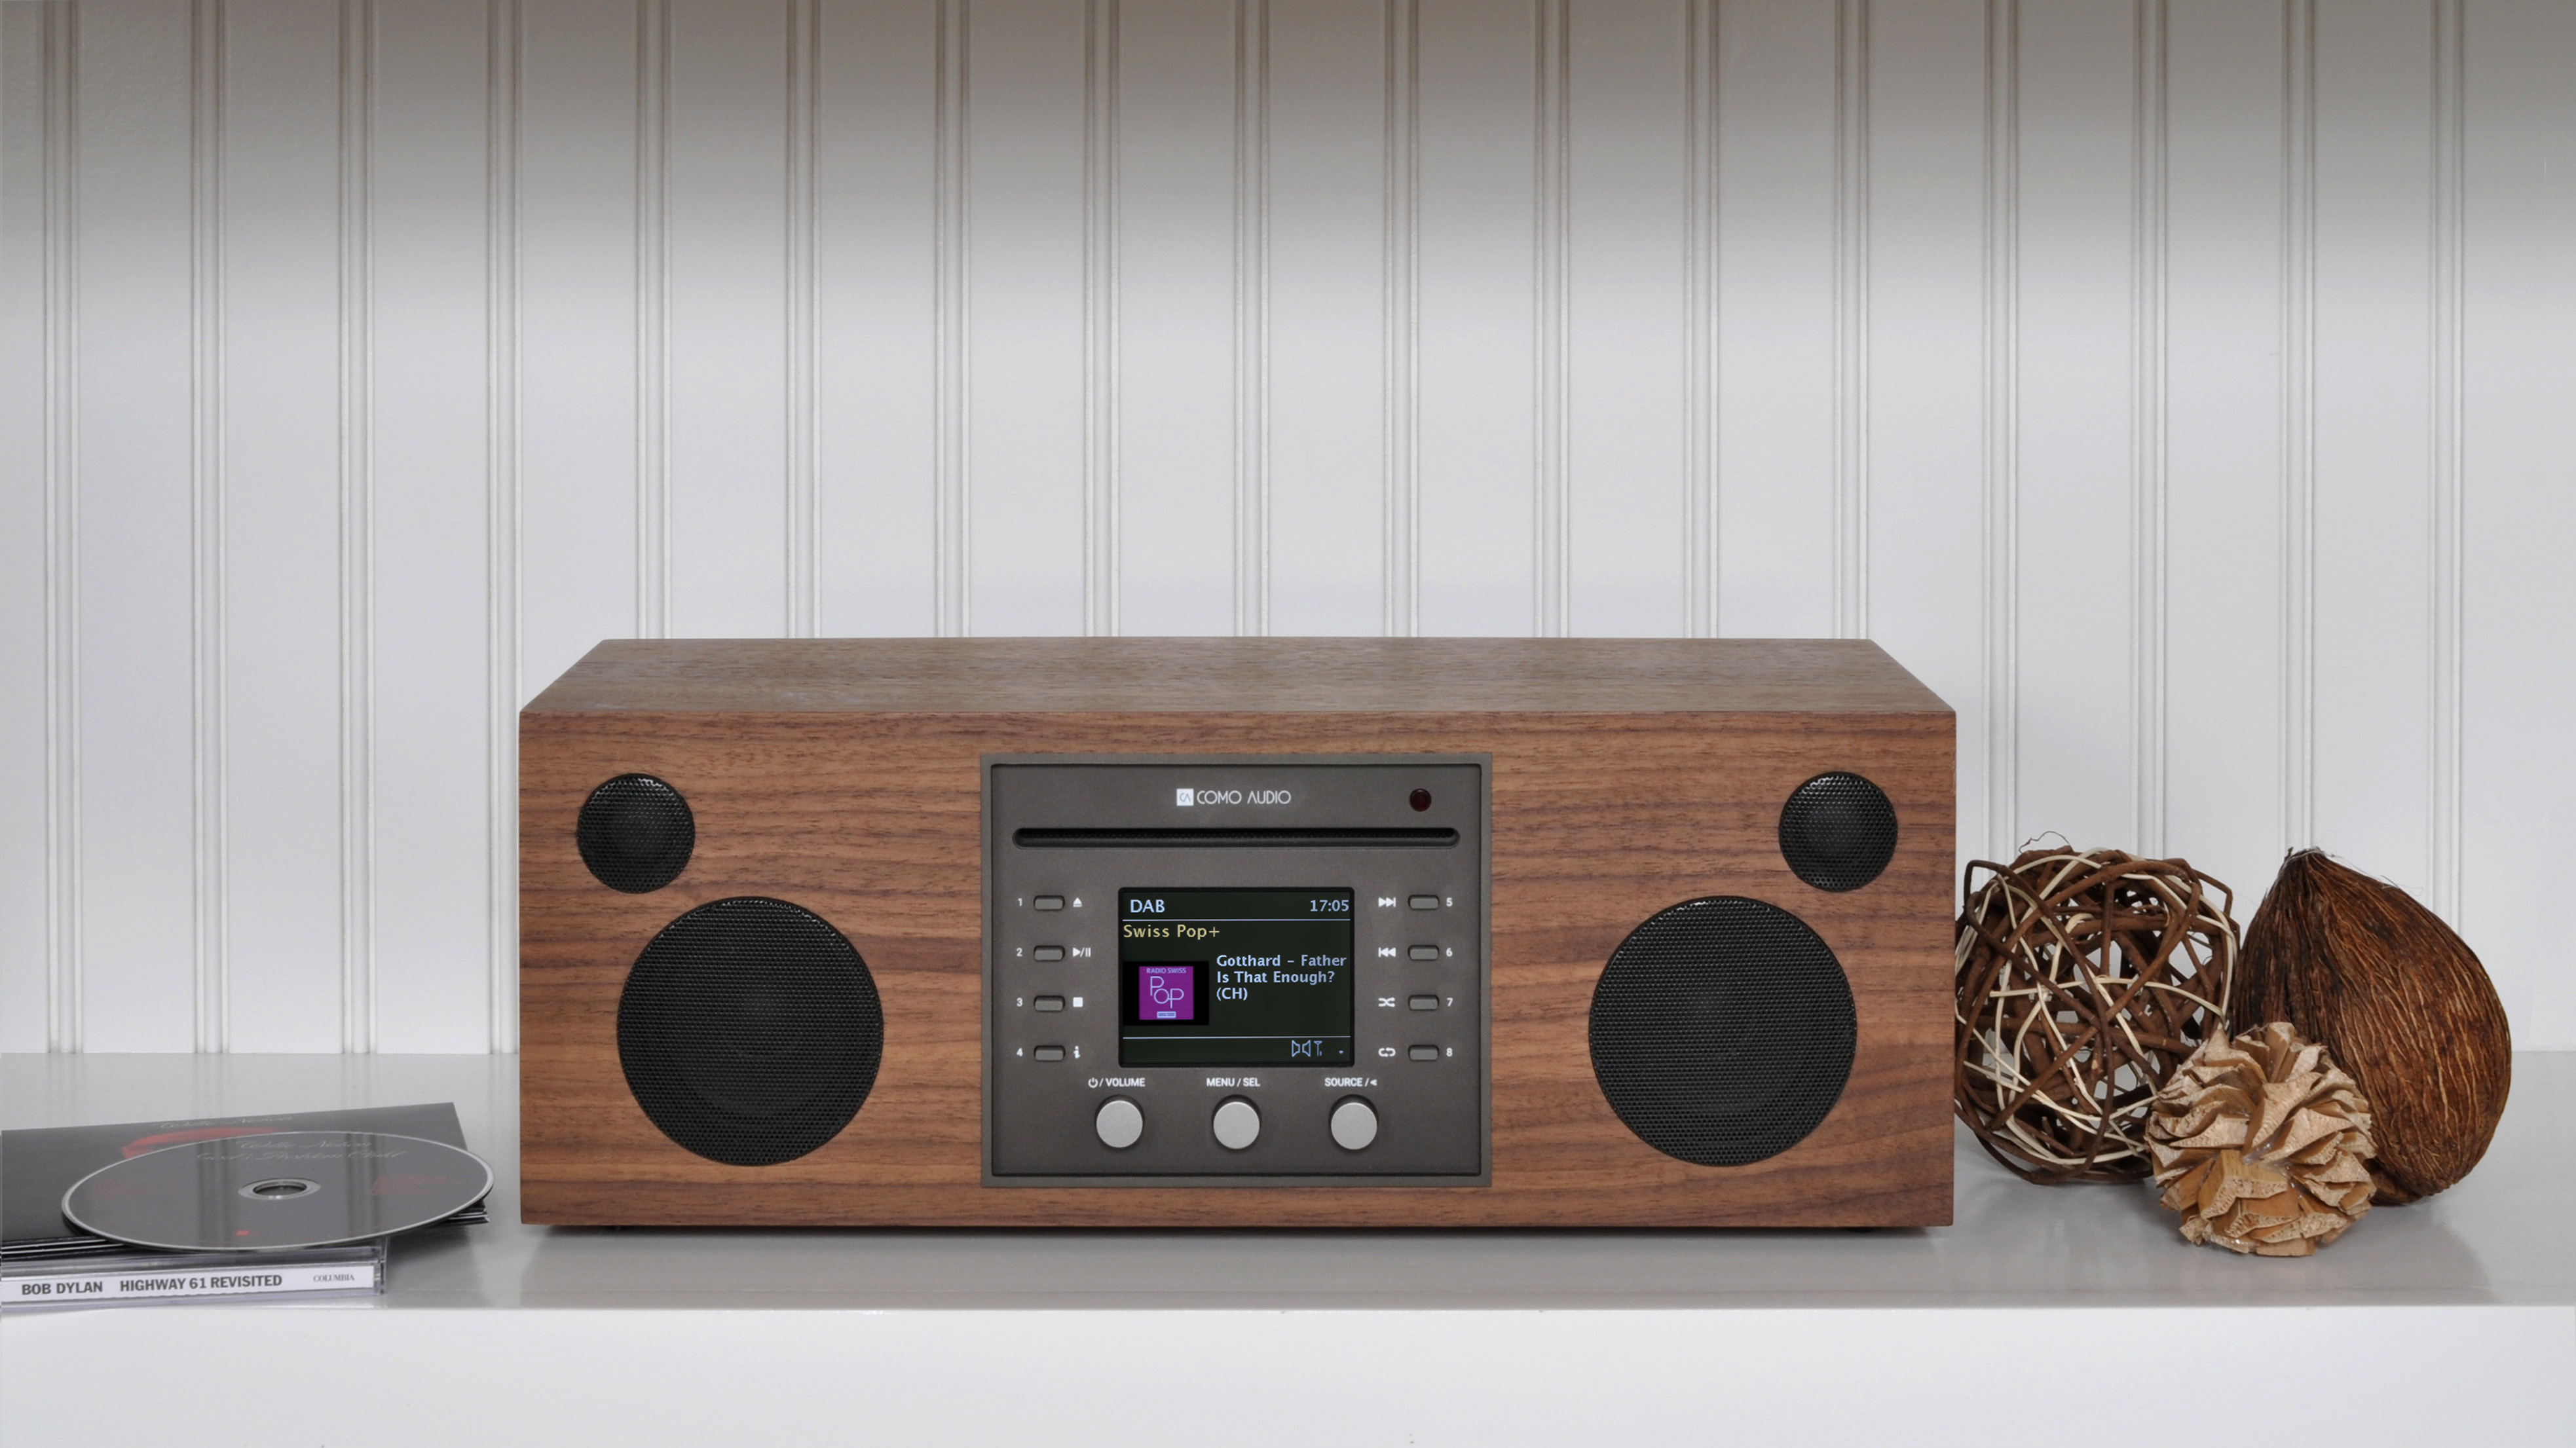 Como Audio (Raum: Saale, 3. Etage): Ja, auch edle Radios können auf den Mitteldeutschen HiFi-Tagen erlebt werden: Como Audio, neu im Vertrieb von NT Global und auch neu auf der Messe, zeigt das neue Musica – ein komplett ausgestattetes Digitalradio.